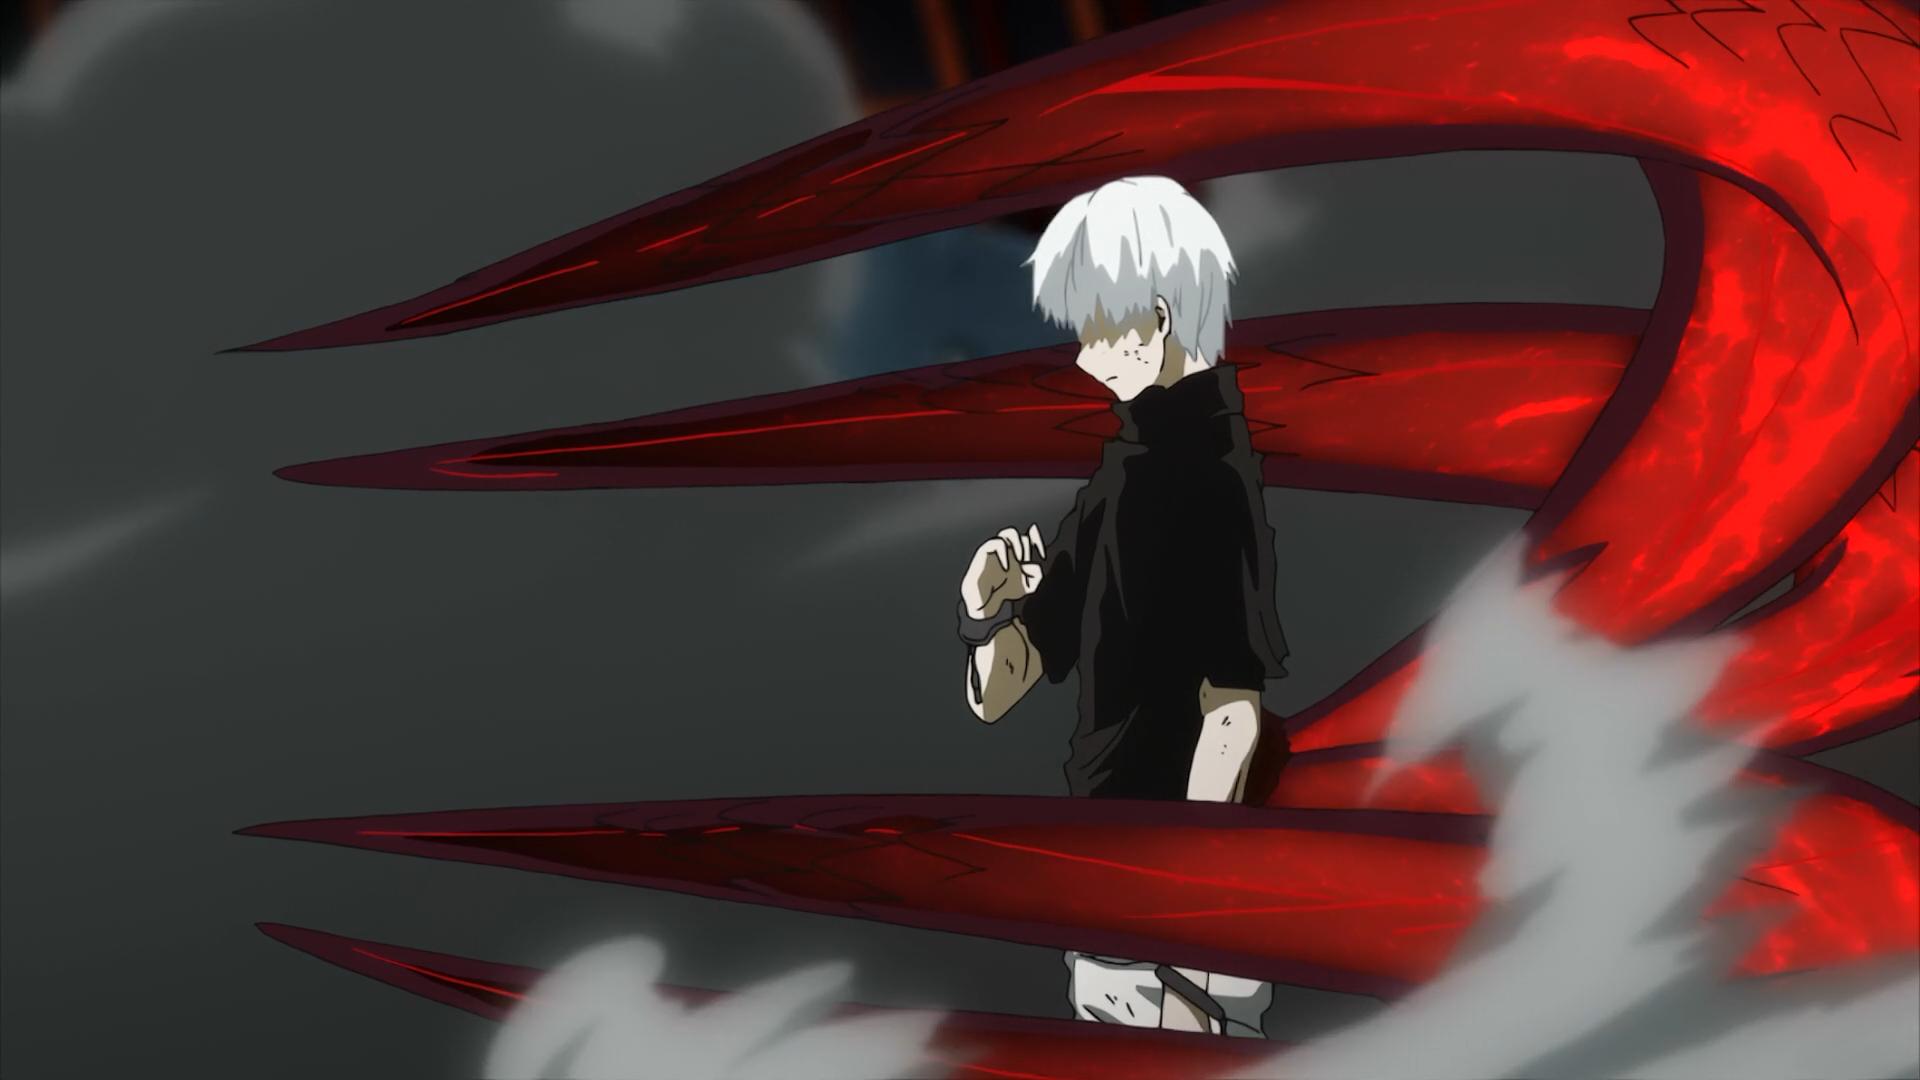 Image Result For Anime Wallpaper Wallsa